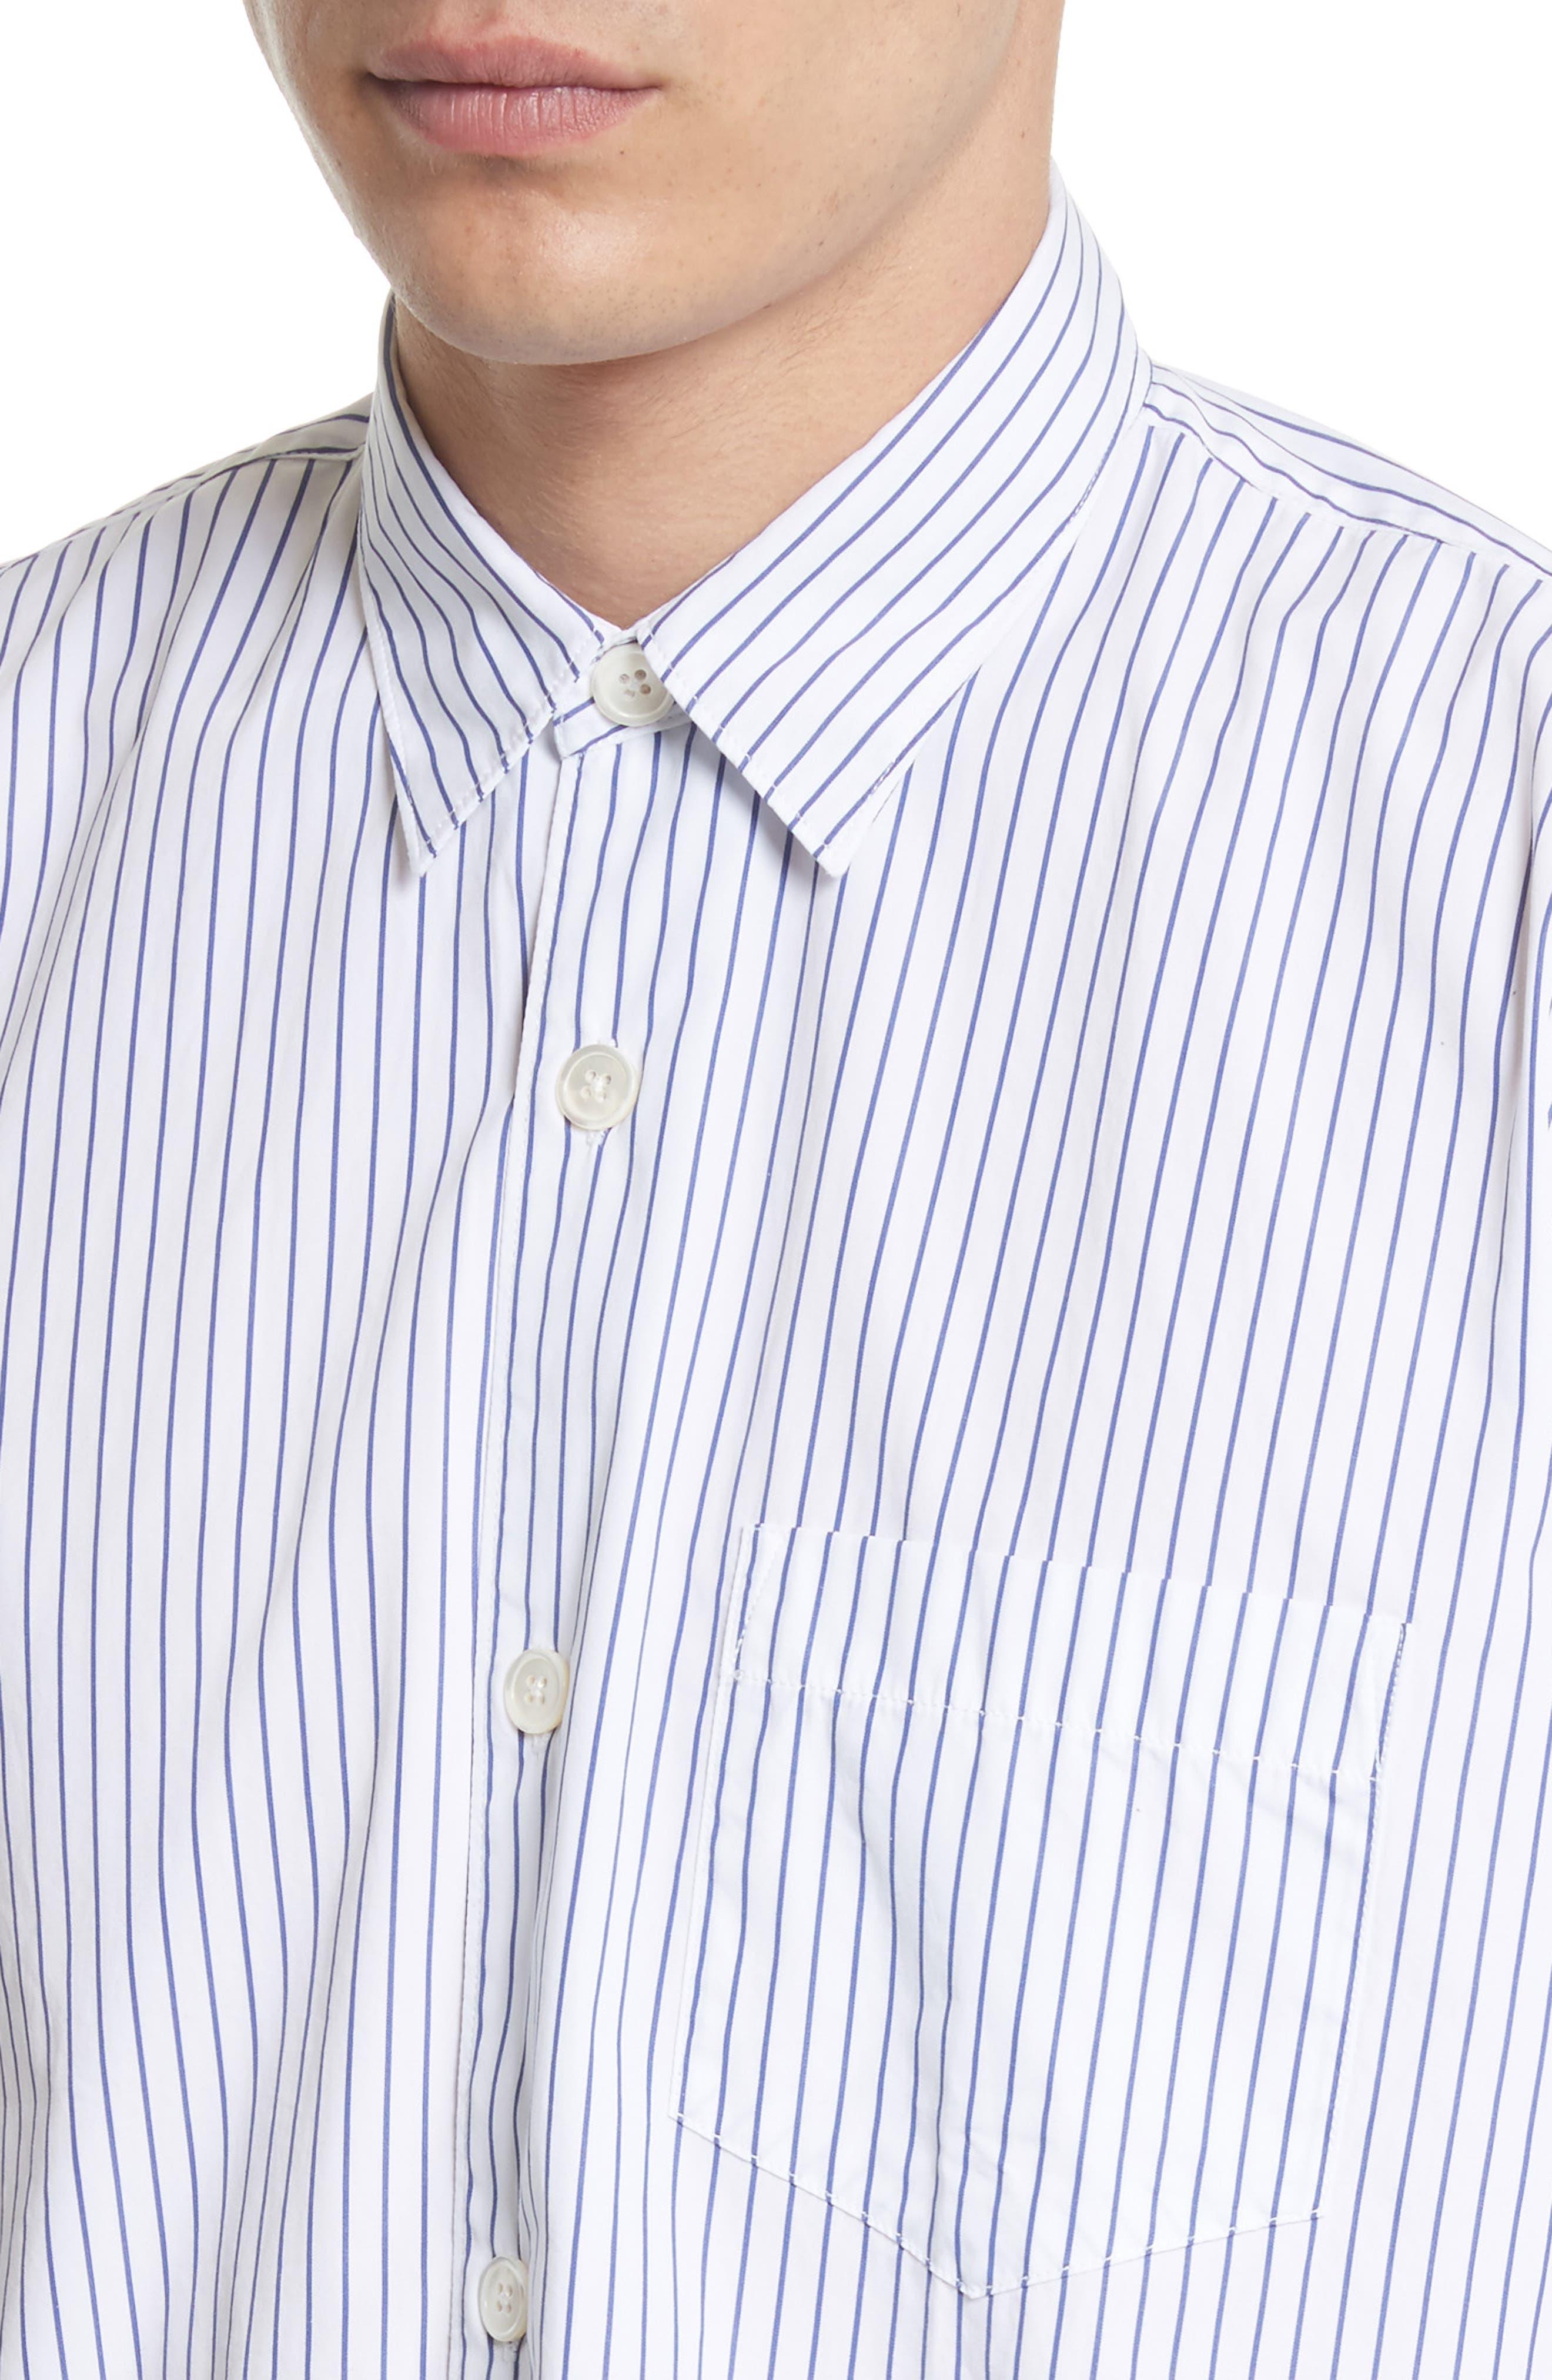 Stripe Short Sleeve Sport Shirt,                             Alternate thumbnail 5, color,                             400